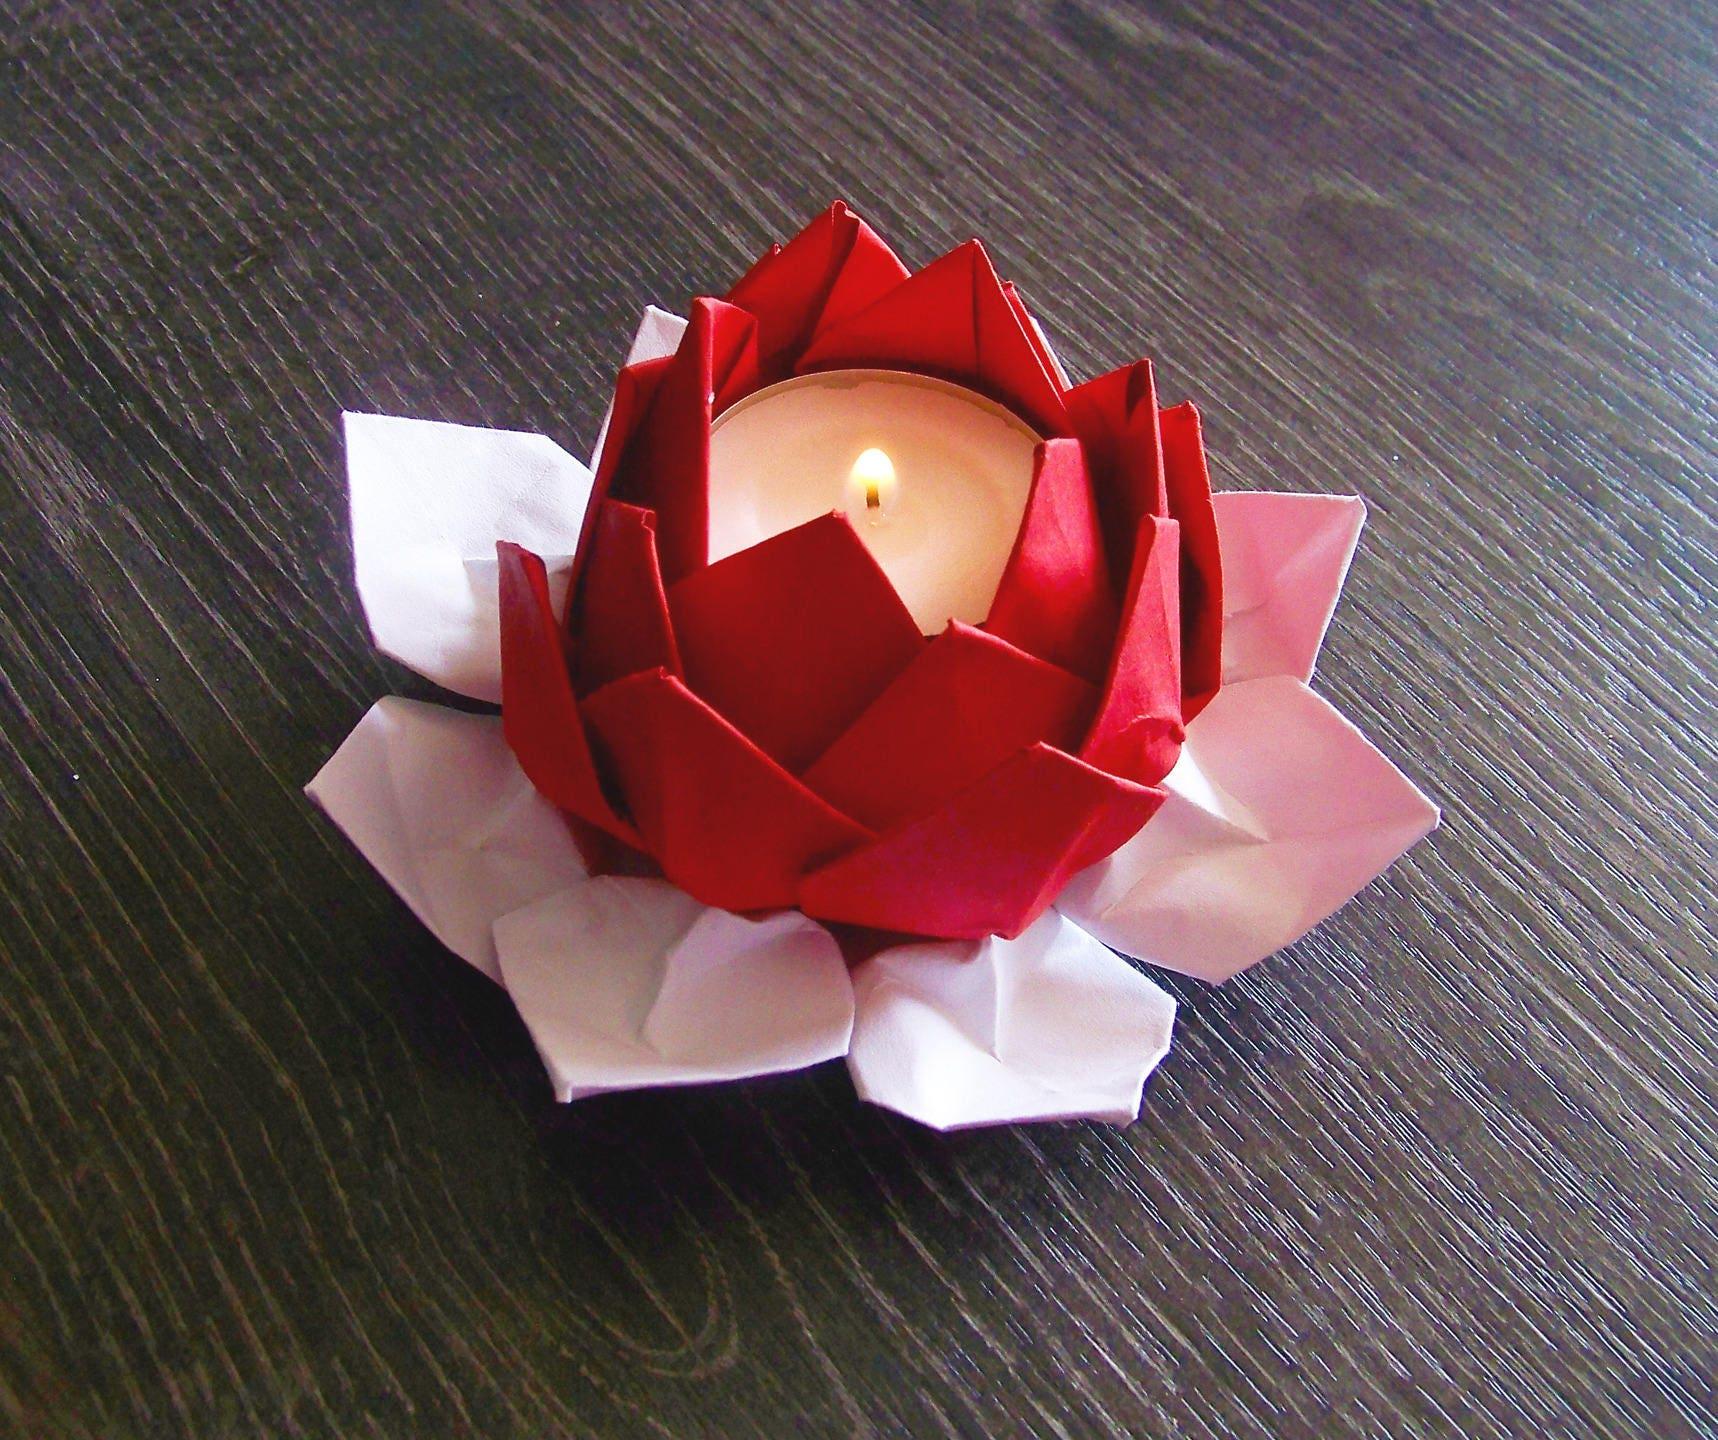 bougeoir photophore fleur de lotus en origami rouge et blanc. Black Bedroom Furniture Sets. Home Design Ideas